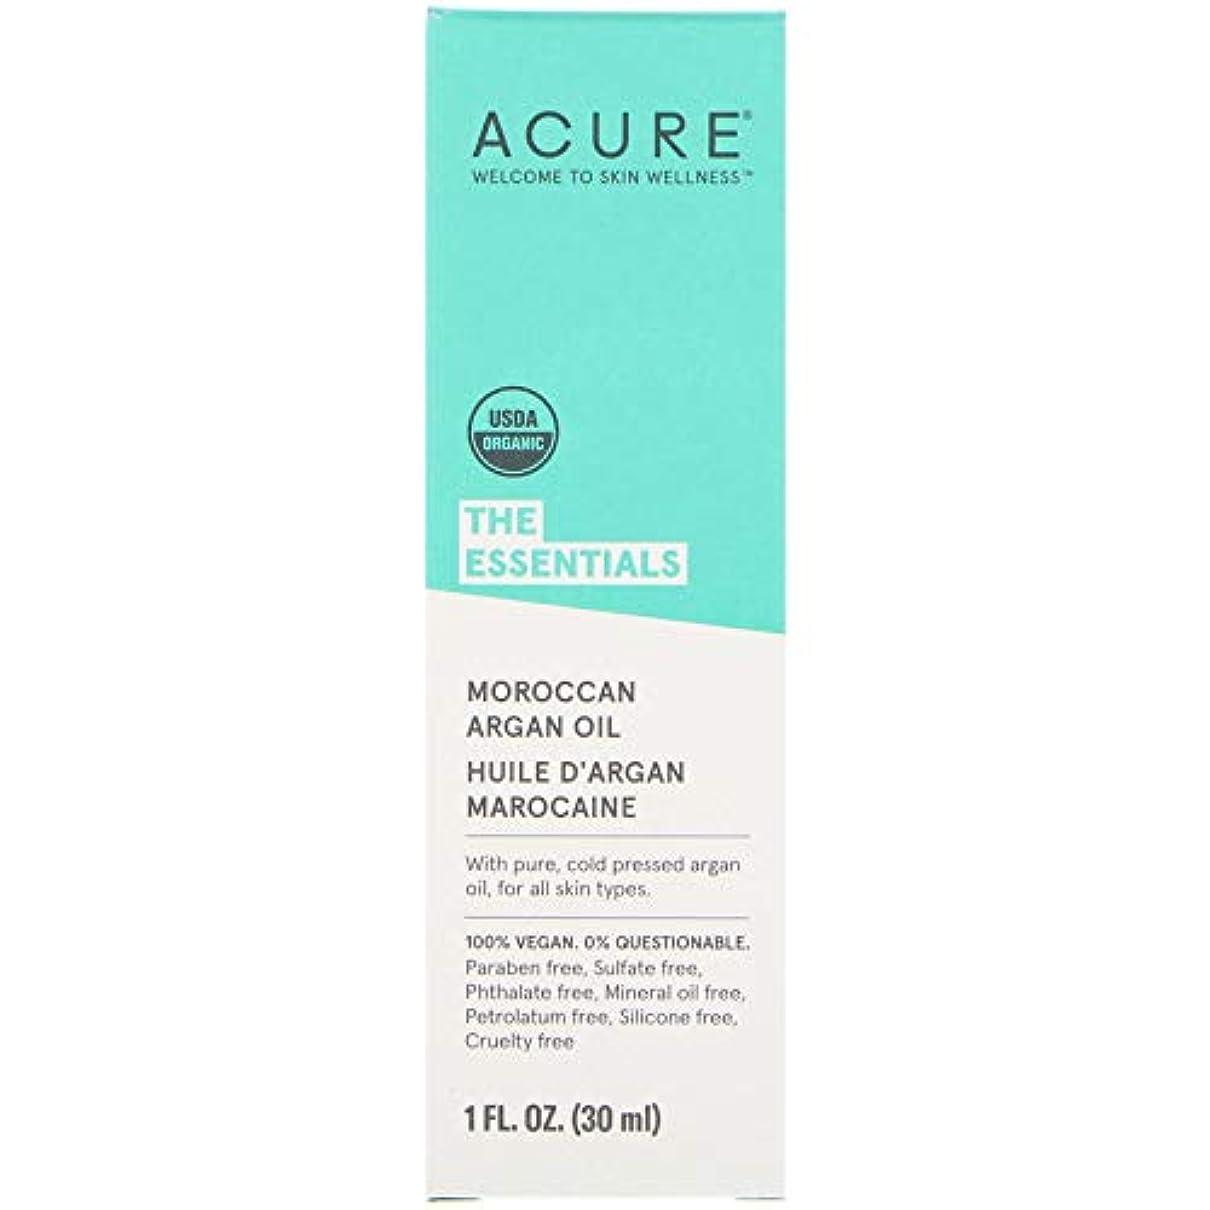 協会配列内訳Acure Organics オーガニック モロッコ産 アルガンオイル 30ml x 3本セット [並行輸入品]